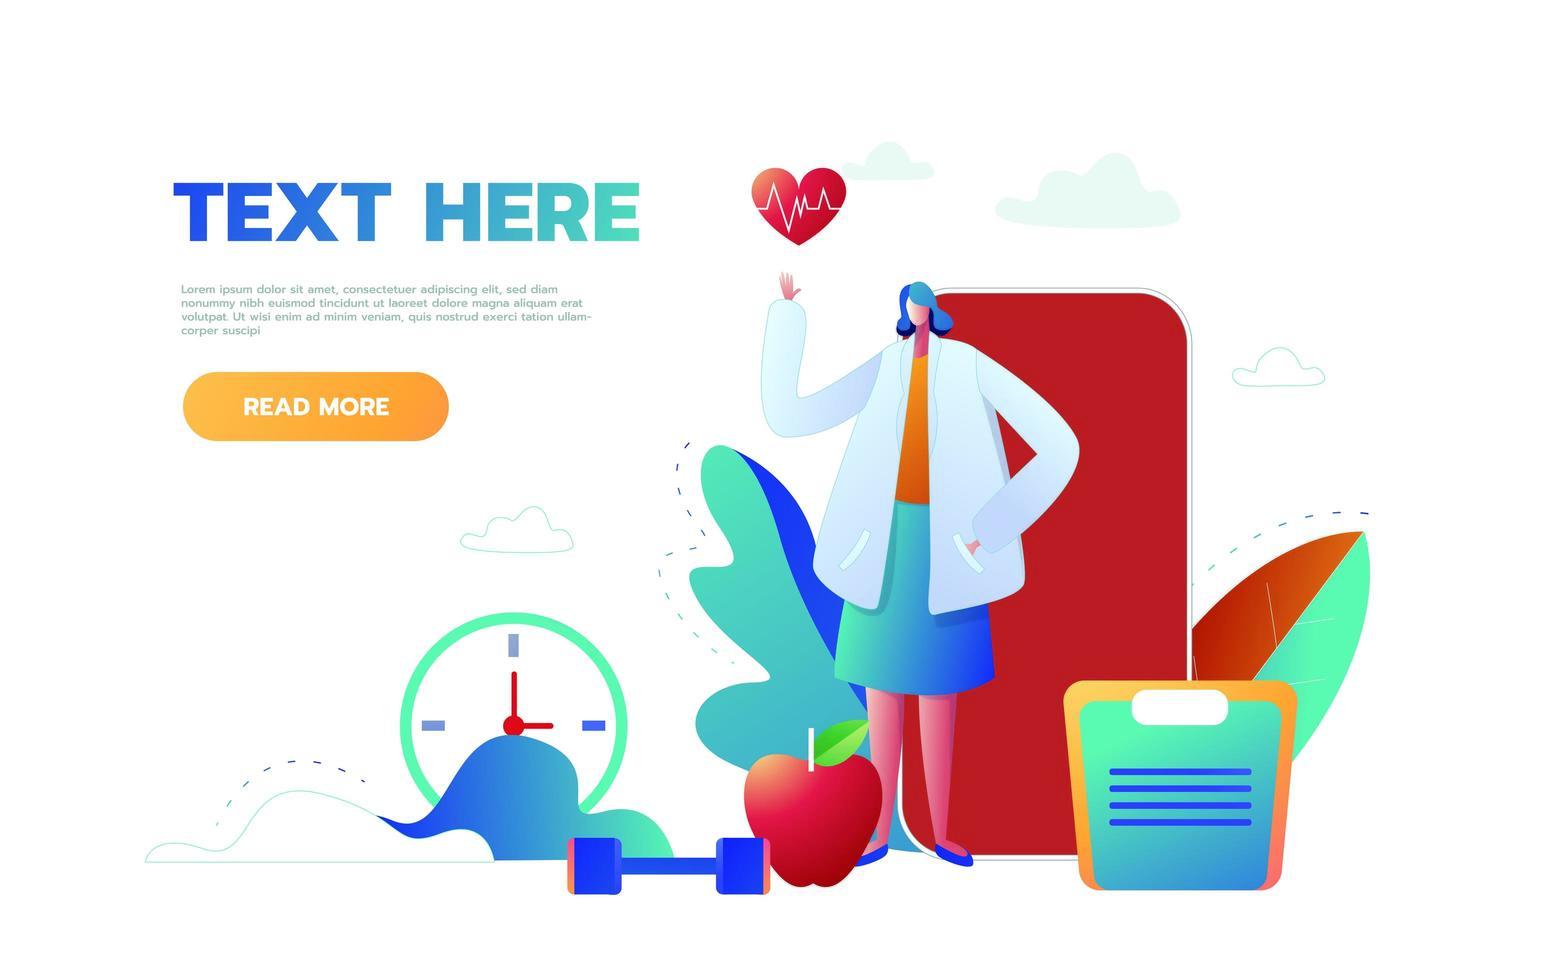 platt design koncept webb och mobiltelefon app, medicinsk koncept, infographic, platt stil med läkare, vektor. vektor